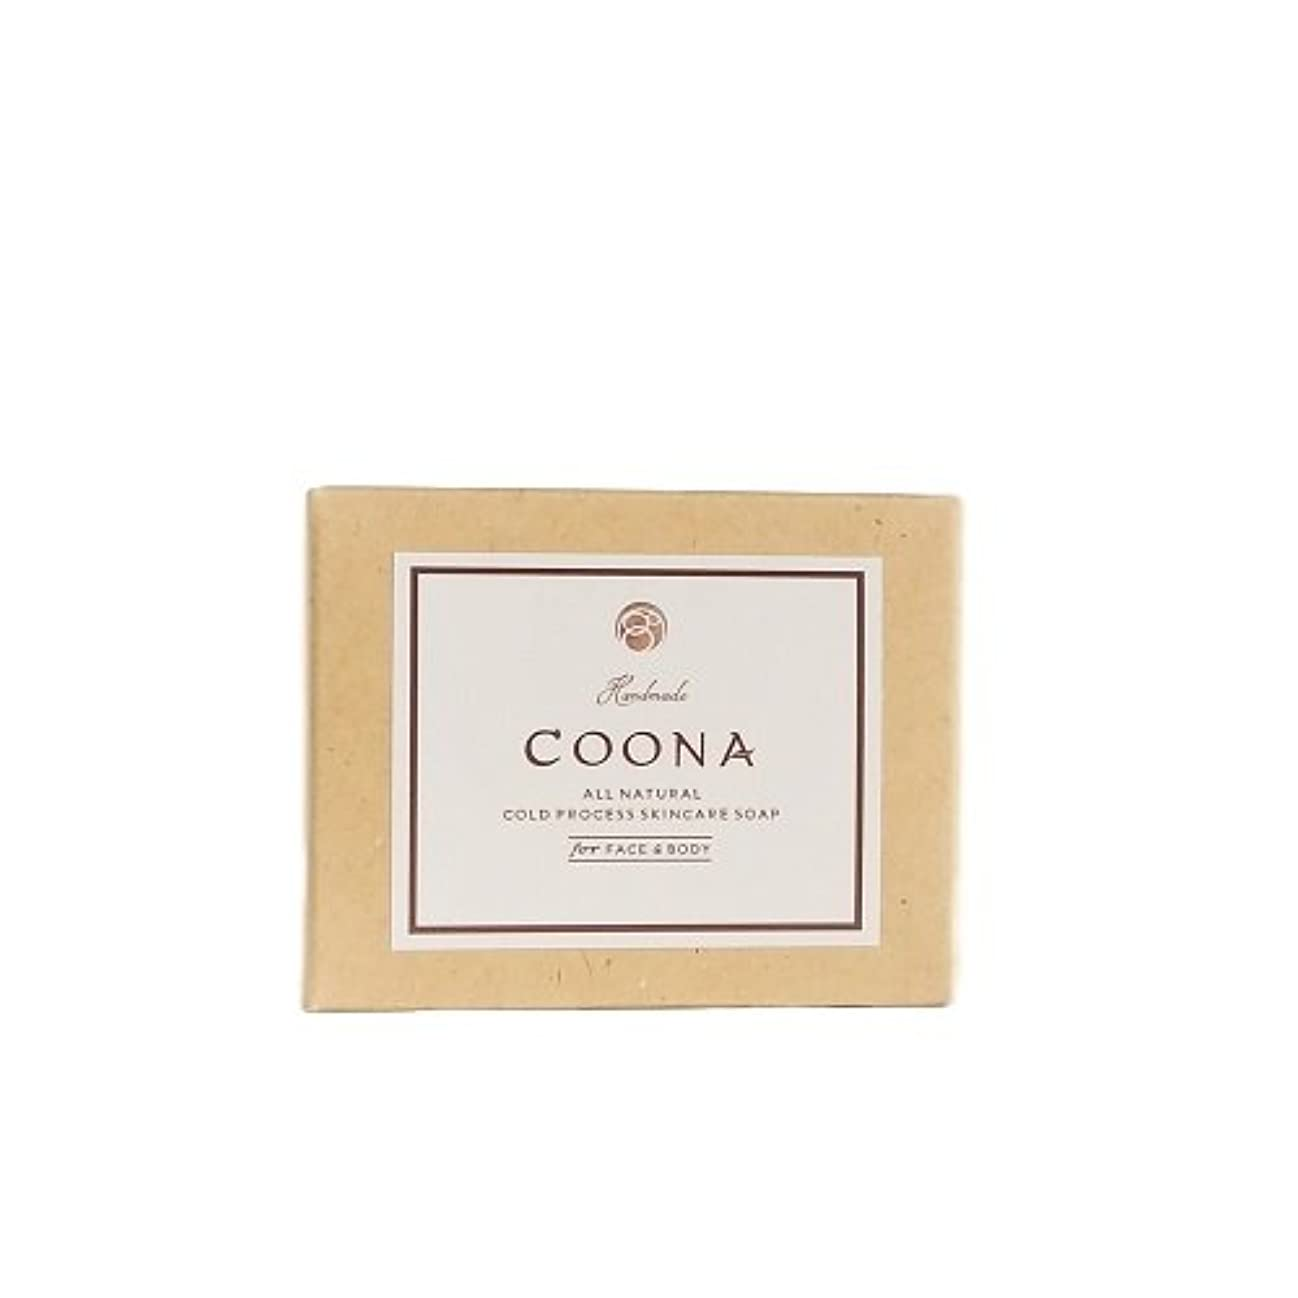 ブースボス効果的に洗顔石鹸 COONA アボカド 石けん イランイラン&ラベンダー (天然素材 自然派 コールドプロセス 手作りせっけん)